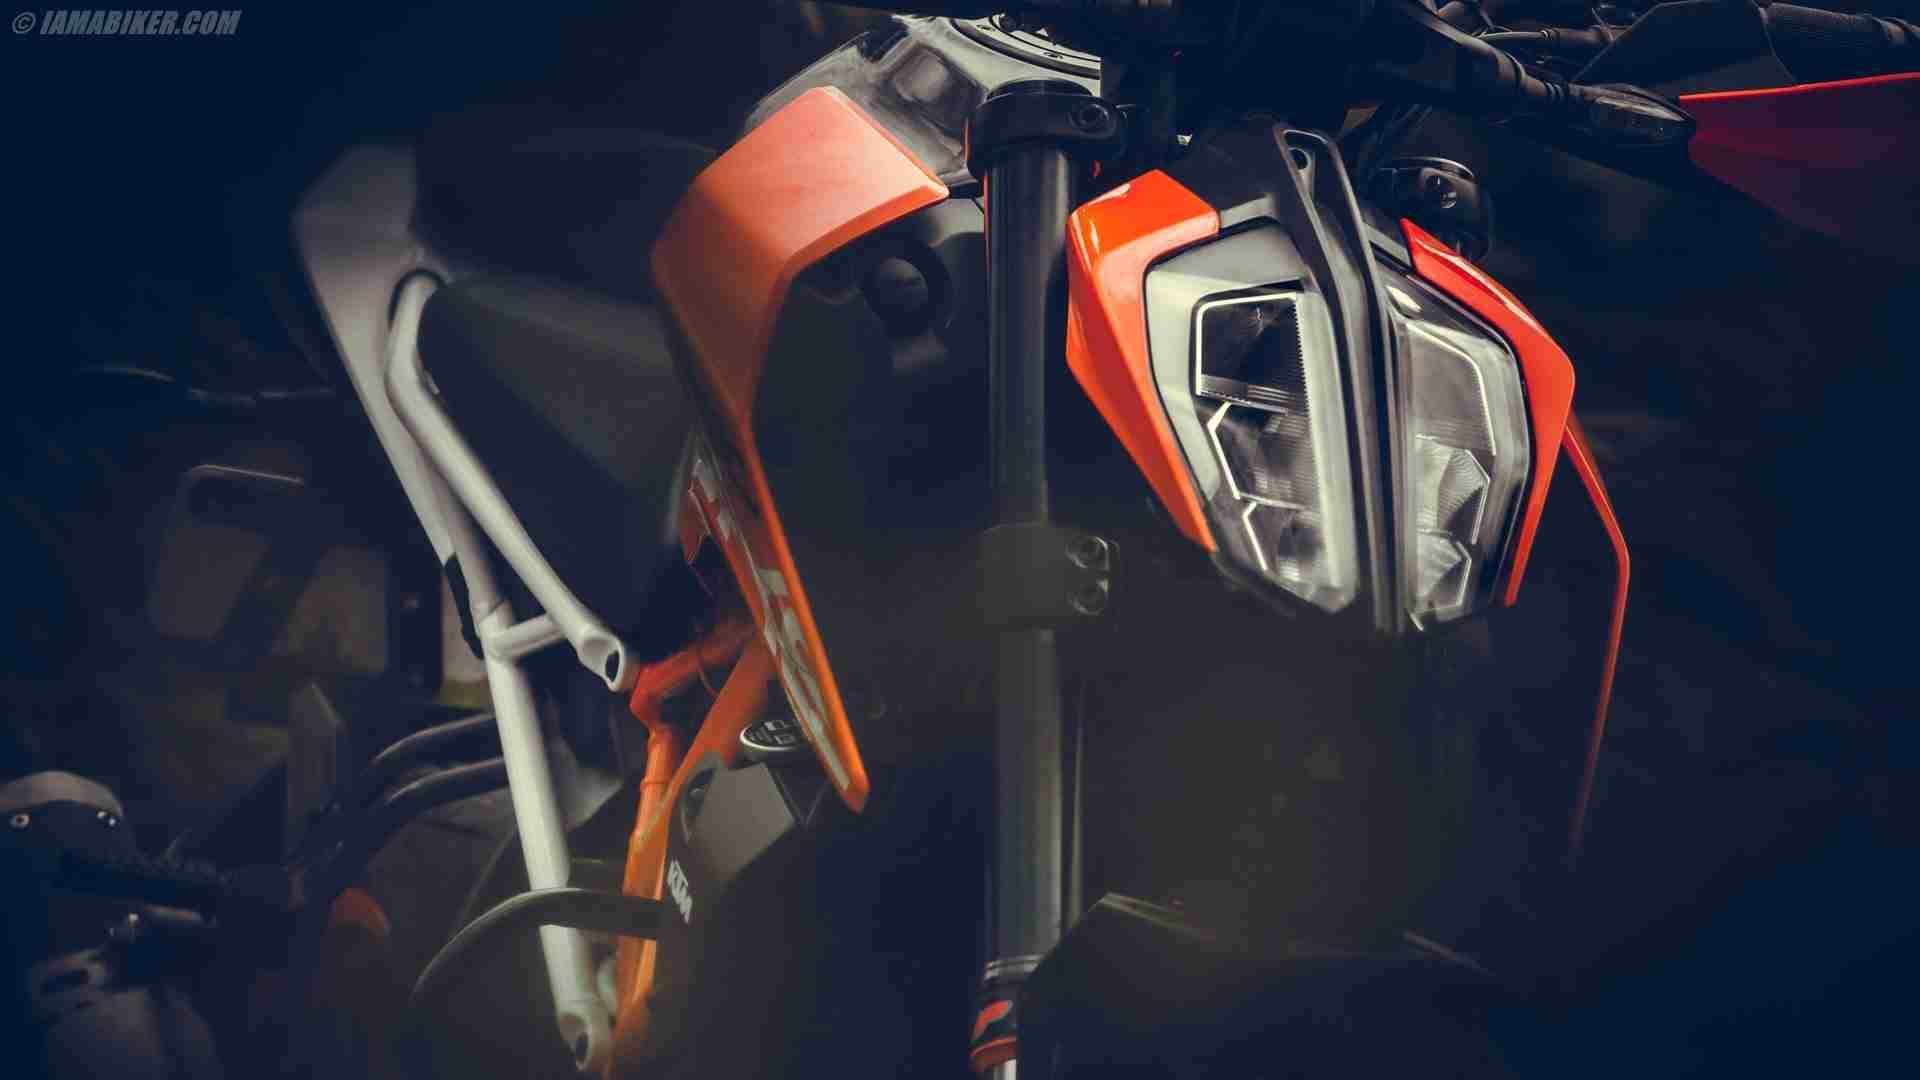 2017 KTM Duke 390 HD Wallpapers